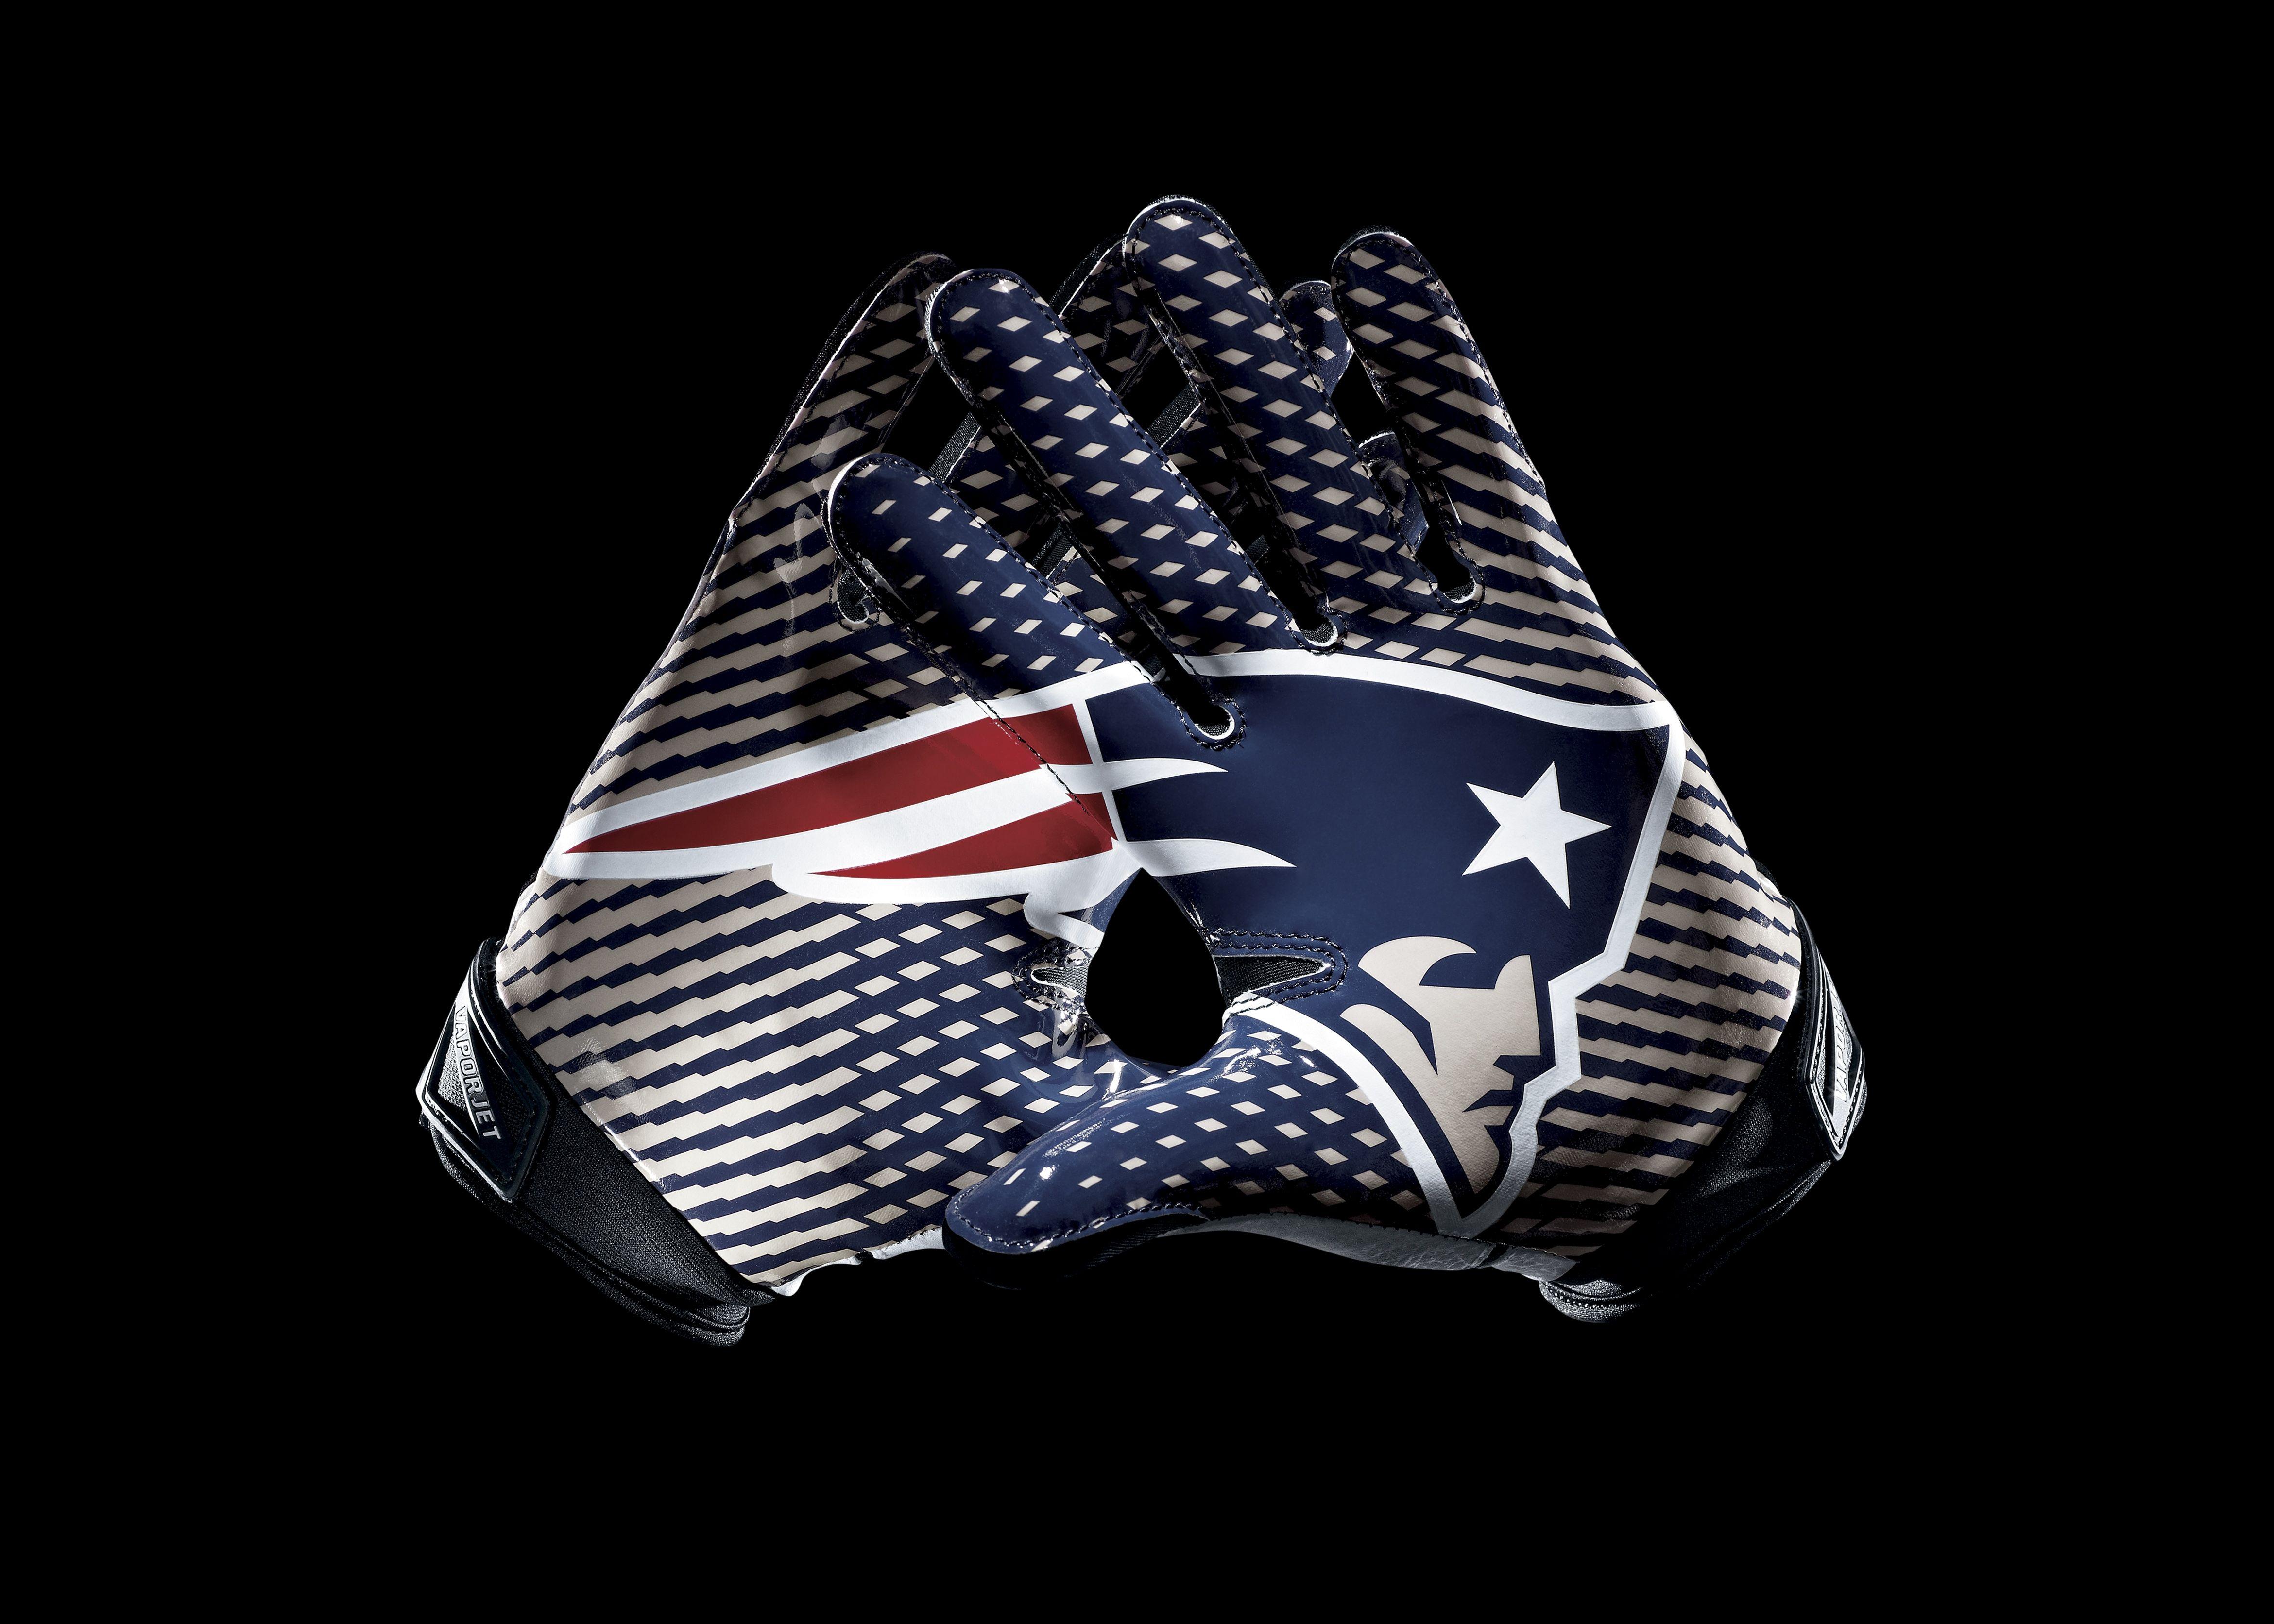 New England Patriots New England Patriots Ultra High Definition Backgrounds New England Patriots Patriots Nfl Patriots